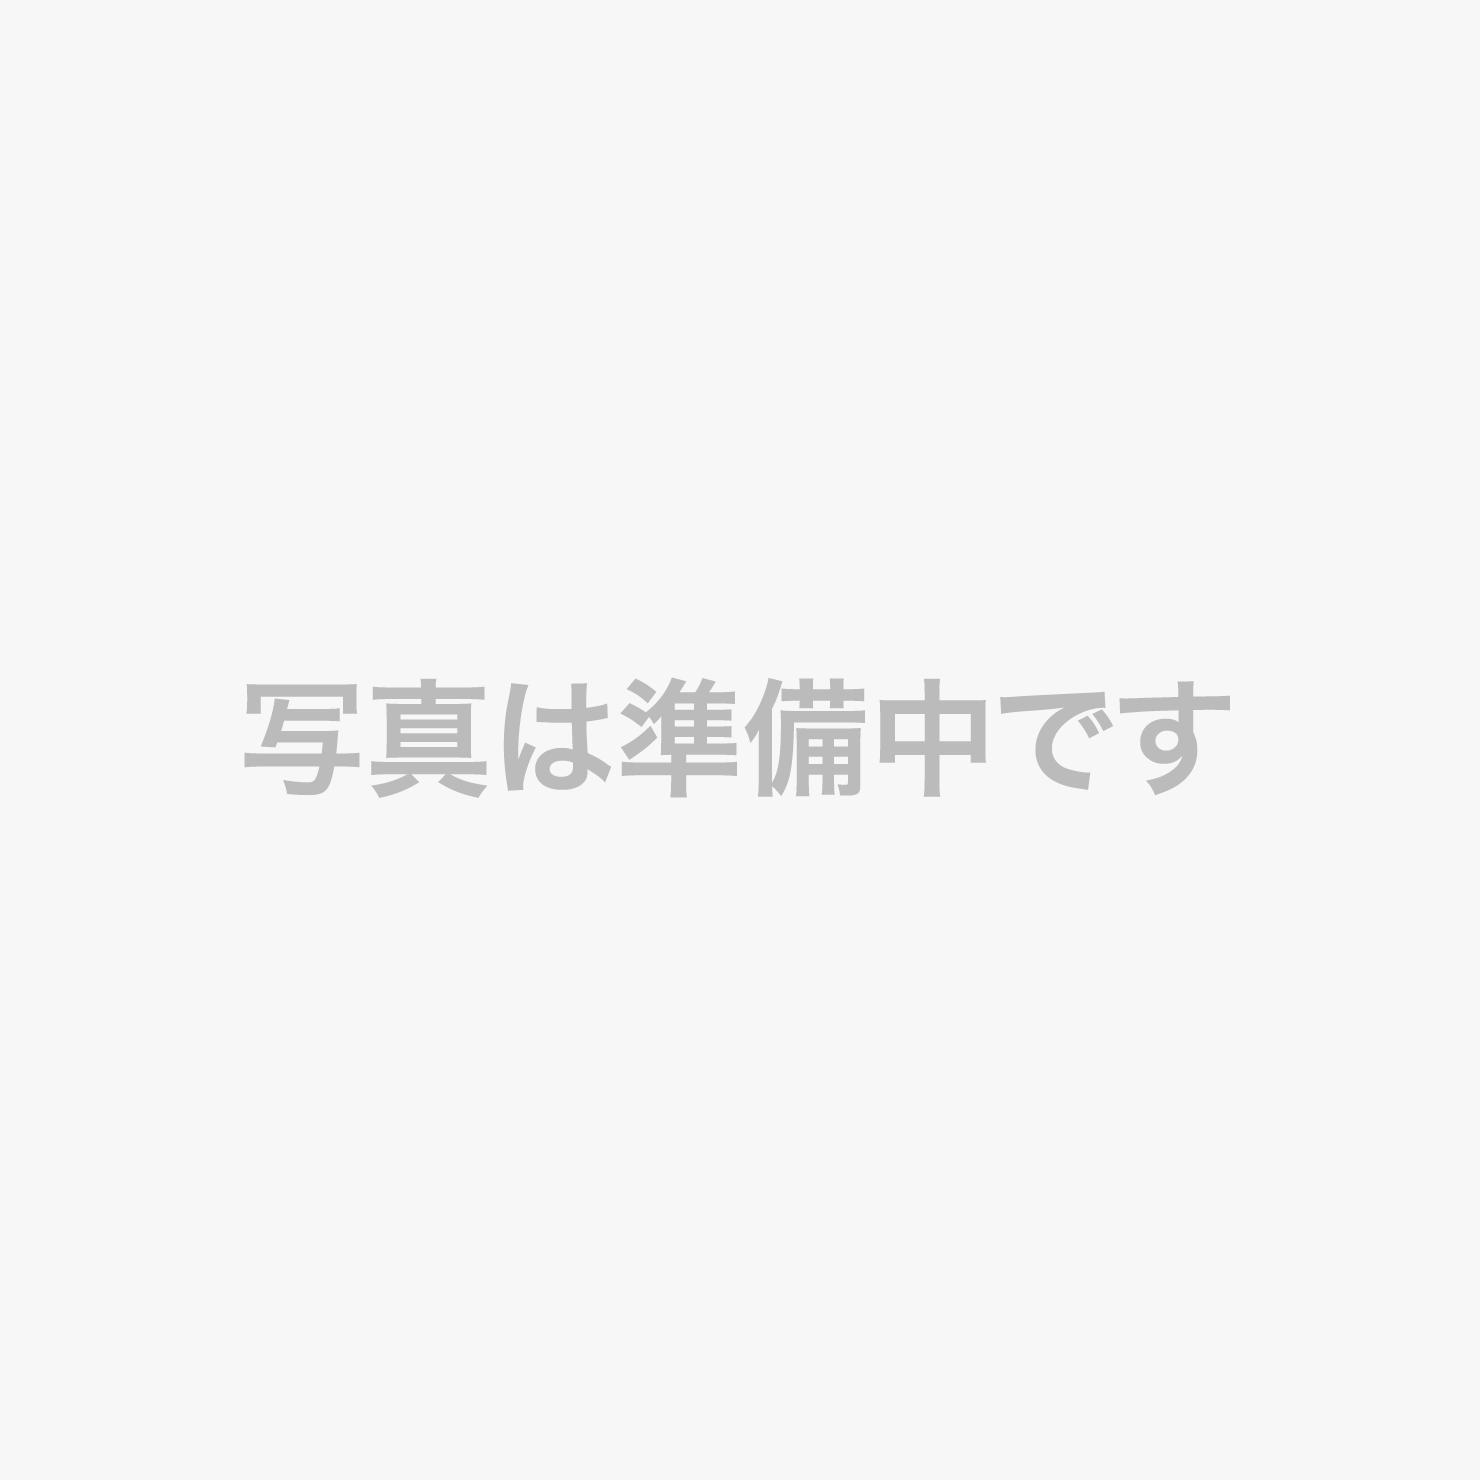 京都タワービルB3F大浴場「~YUU~」朝7時から営業!夜行バスで早朝到着したときにもご利用して頂けます。